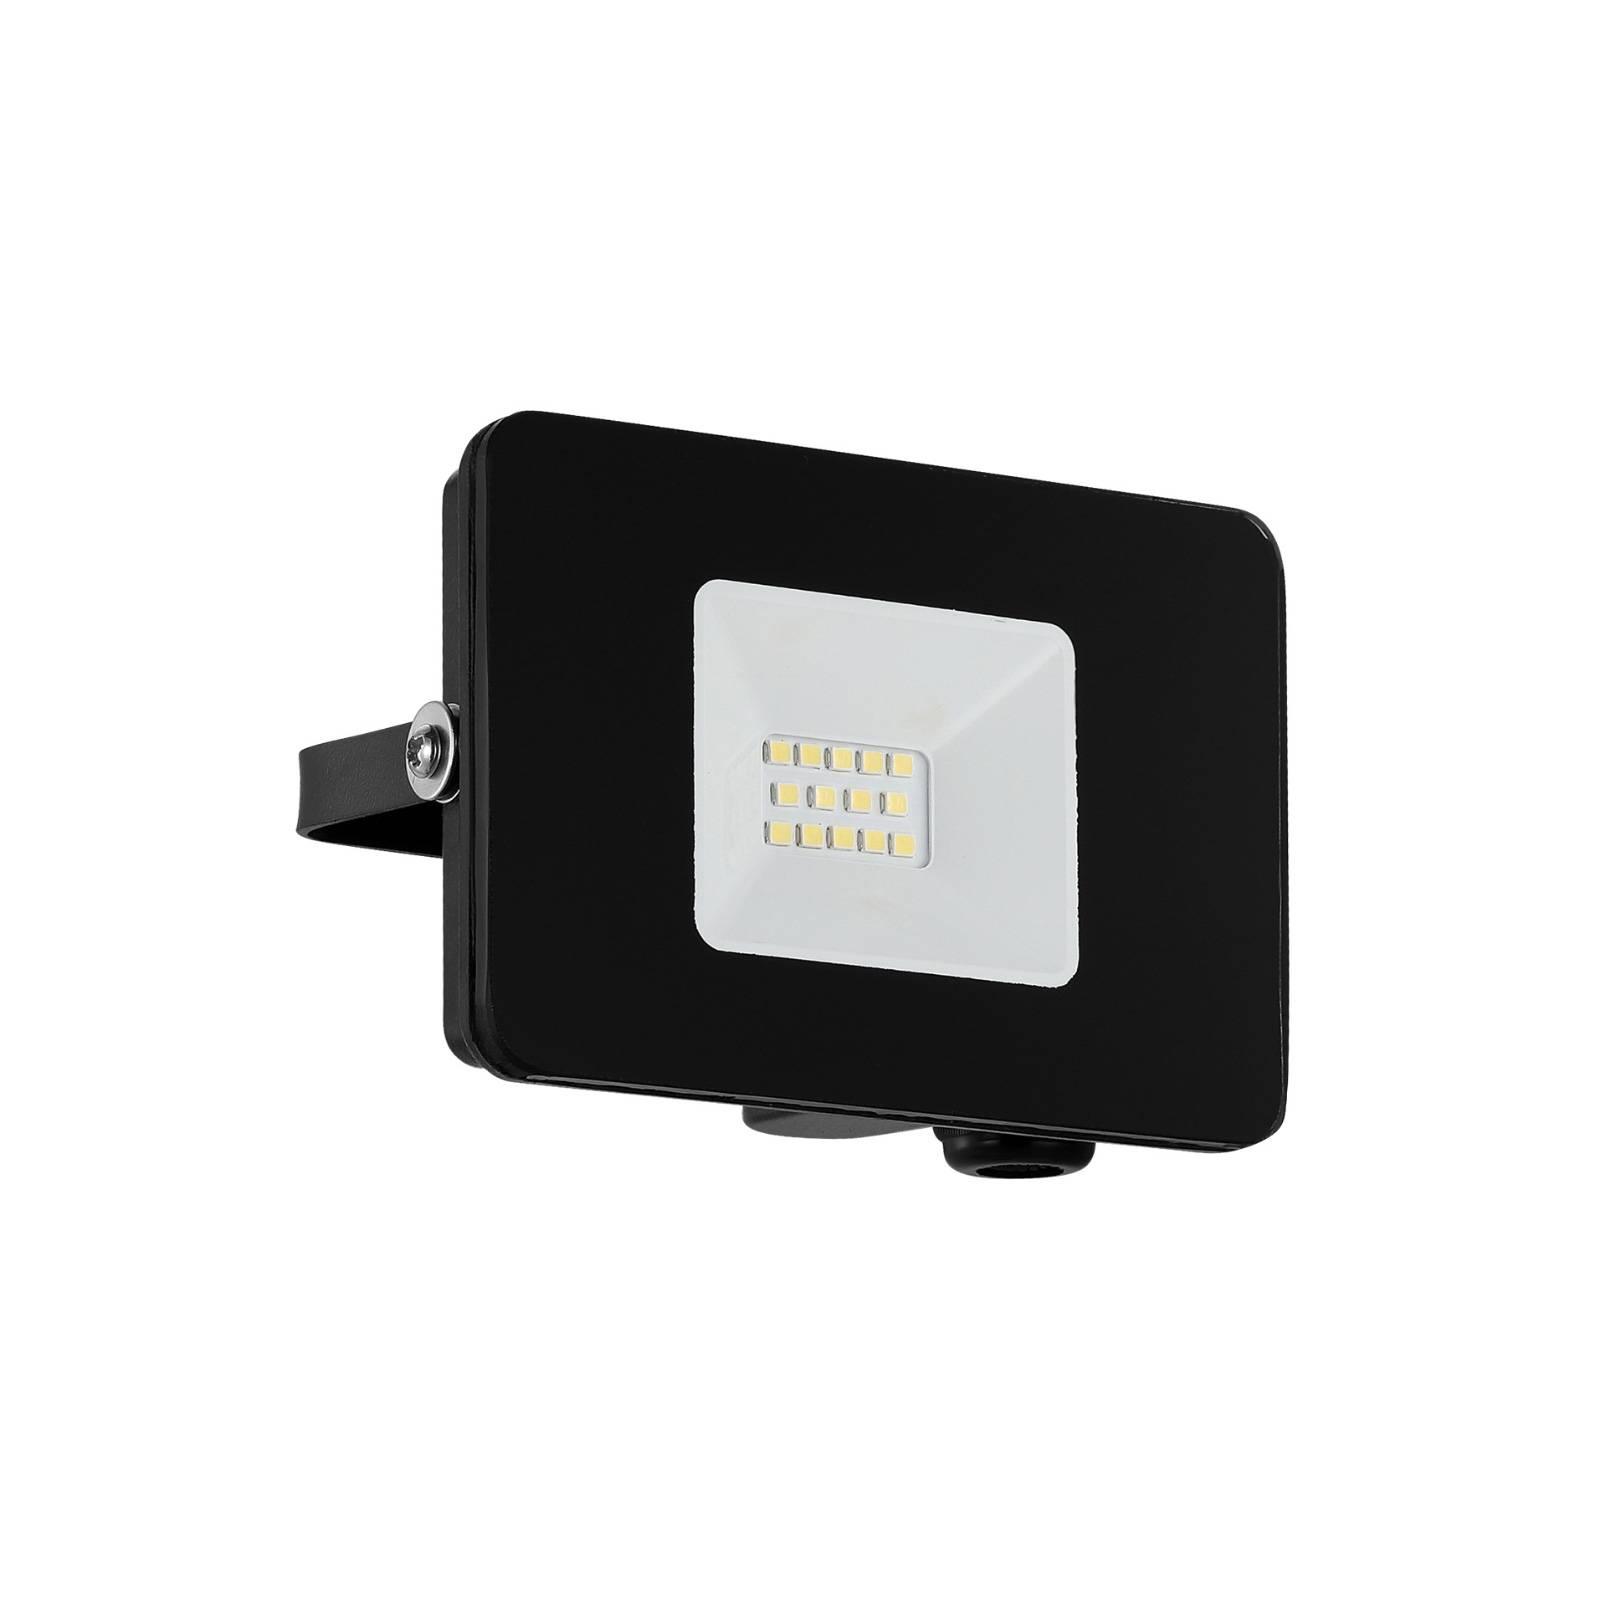 LED buitenspot Faedo 3 in zwart, 10W